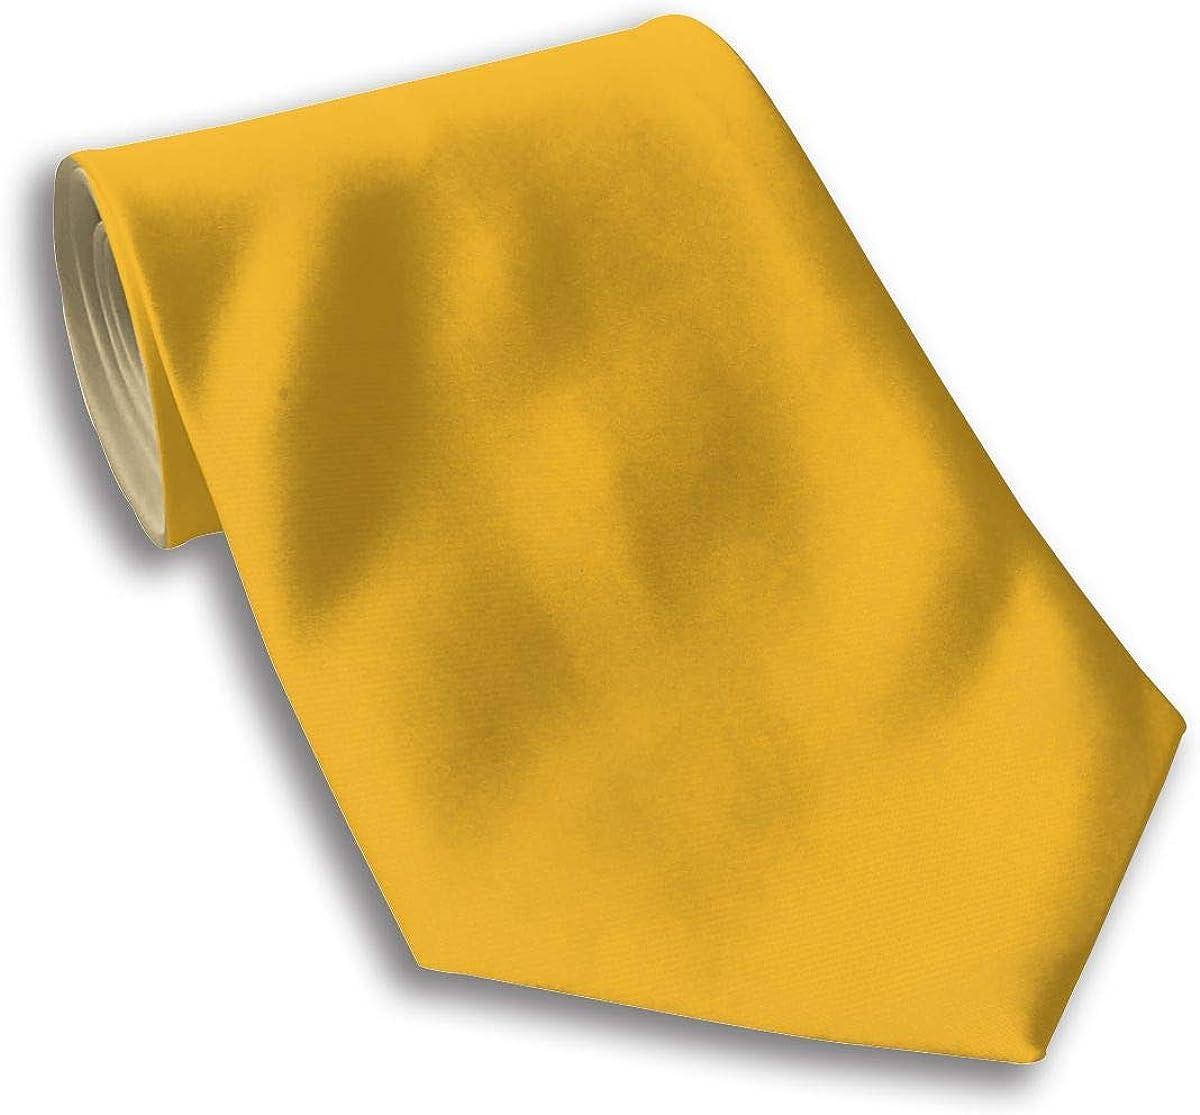 LVOE TTL Cravate de cravate douce pour hommes avec motif de v/élo noir et noir